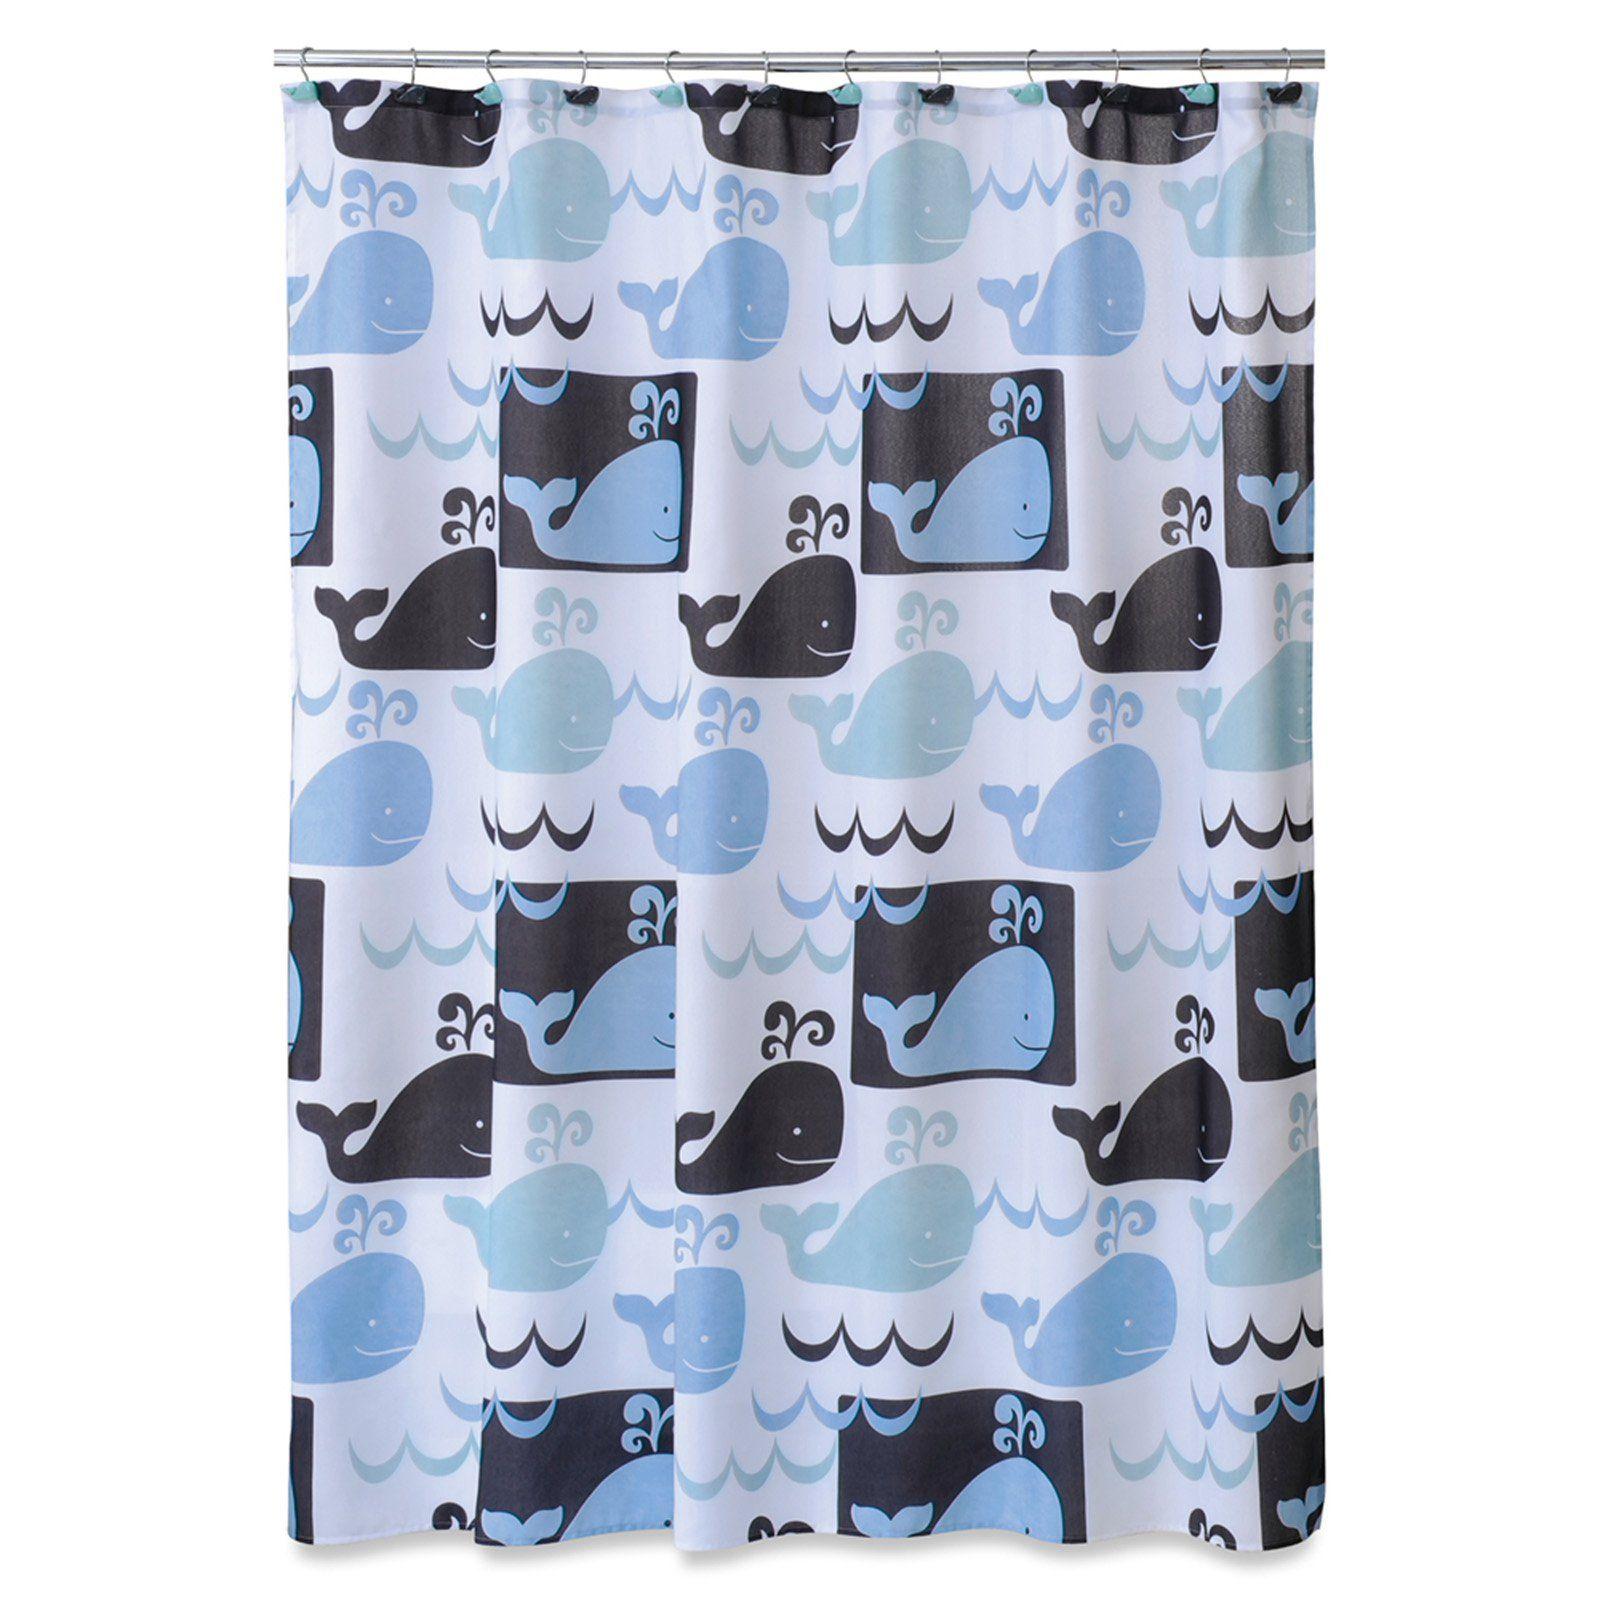 Allure Whale Watch Shower Curtain Shower Curtains Walmart